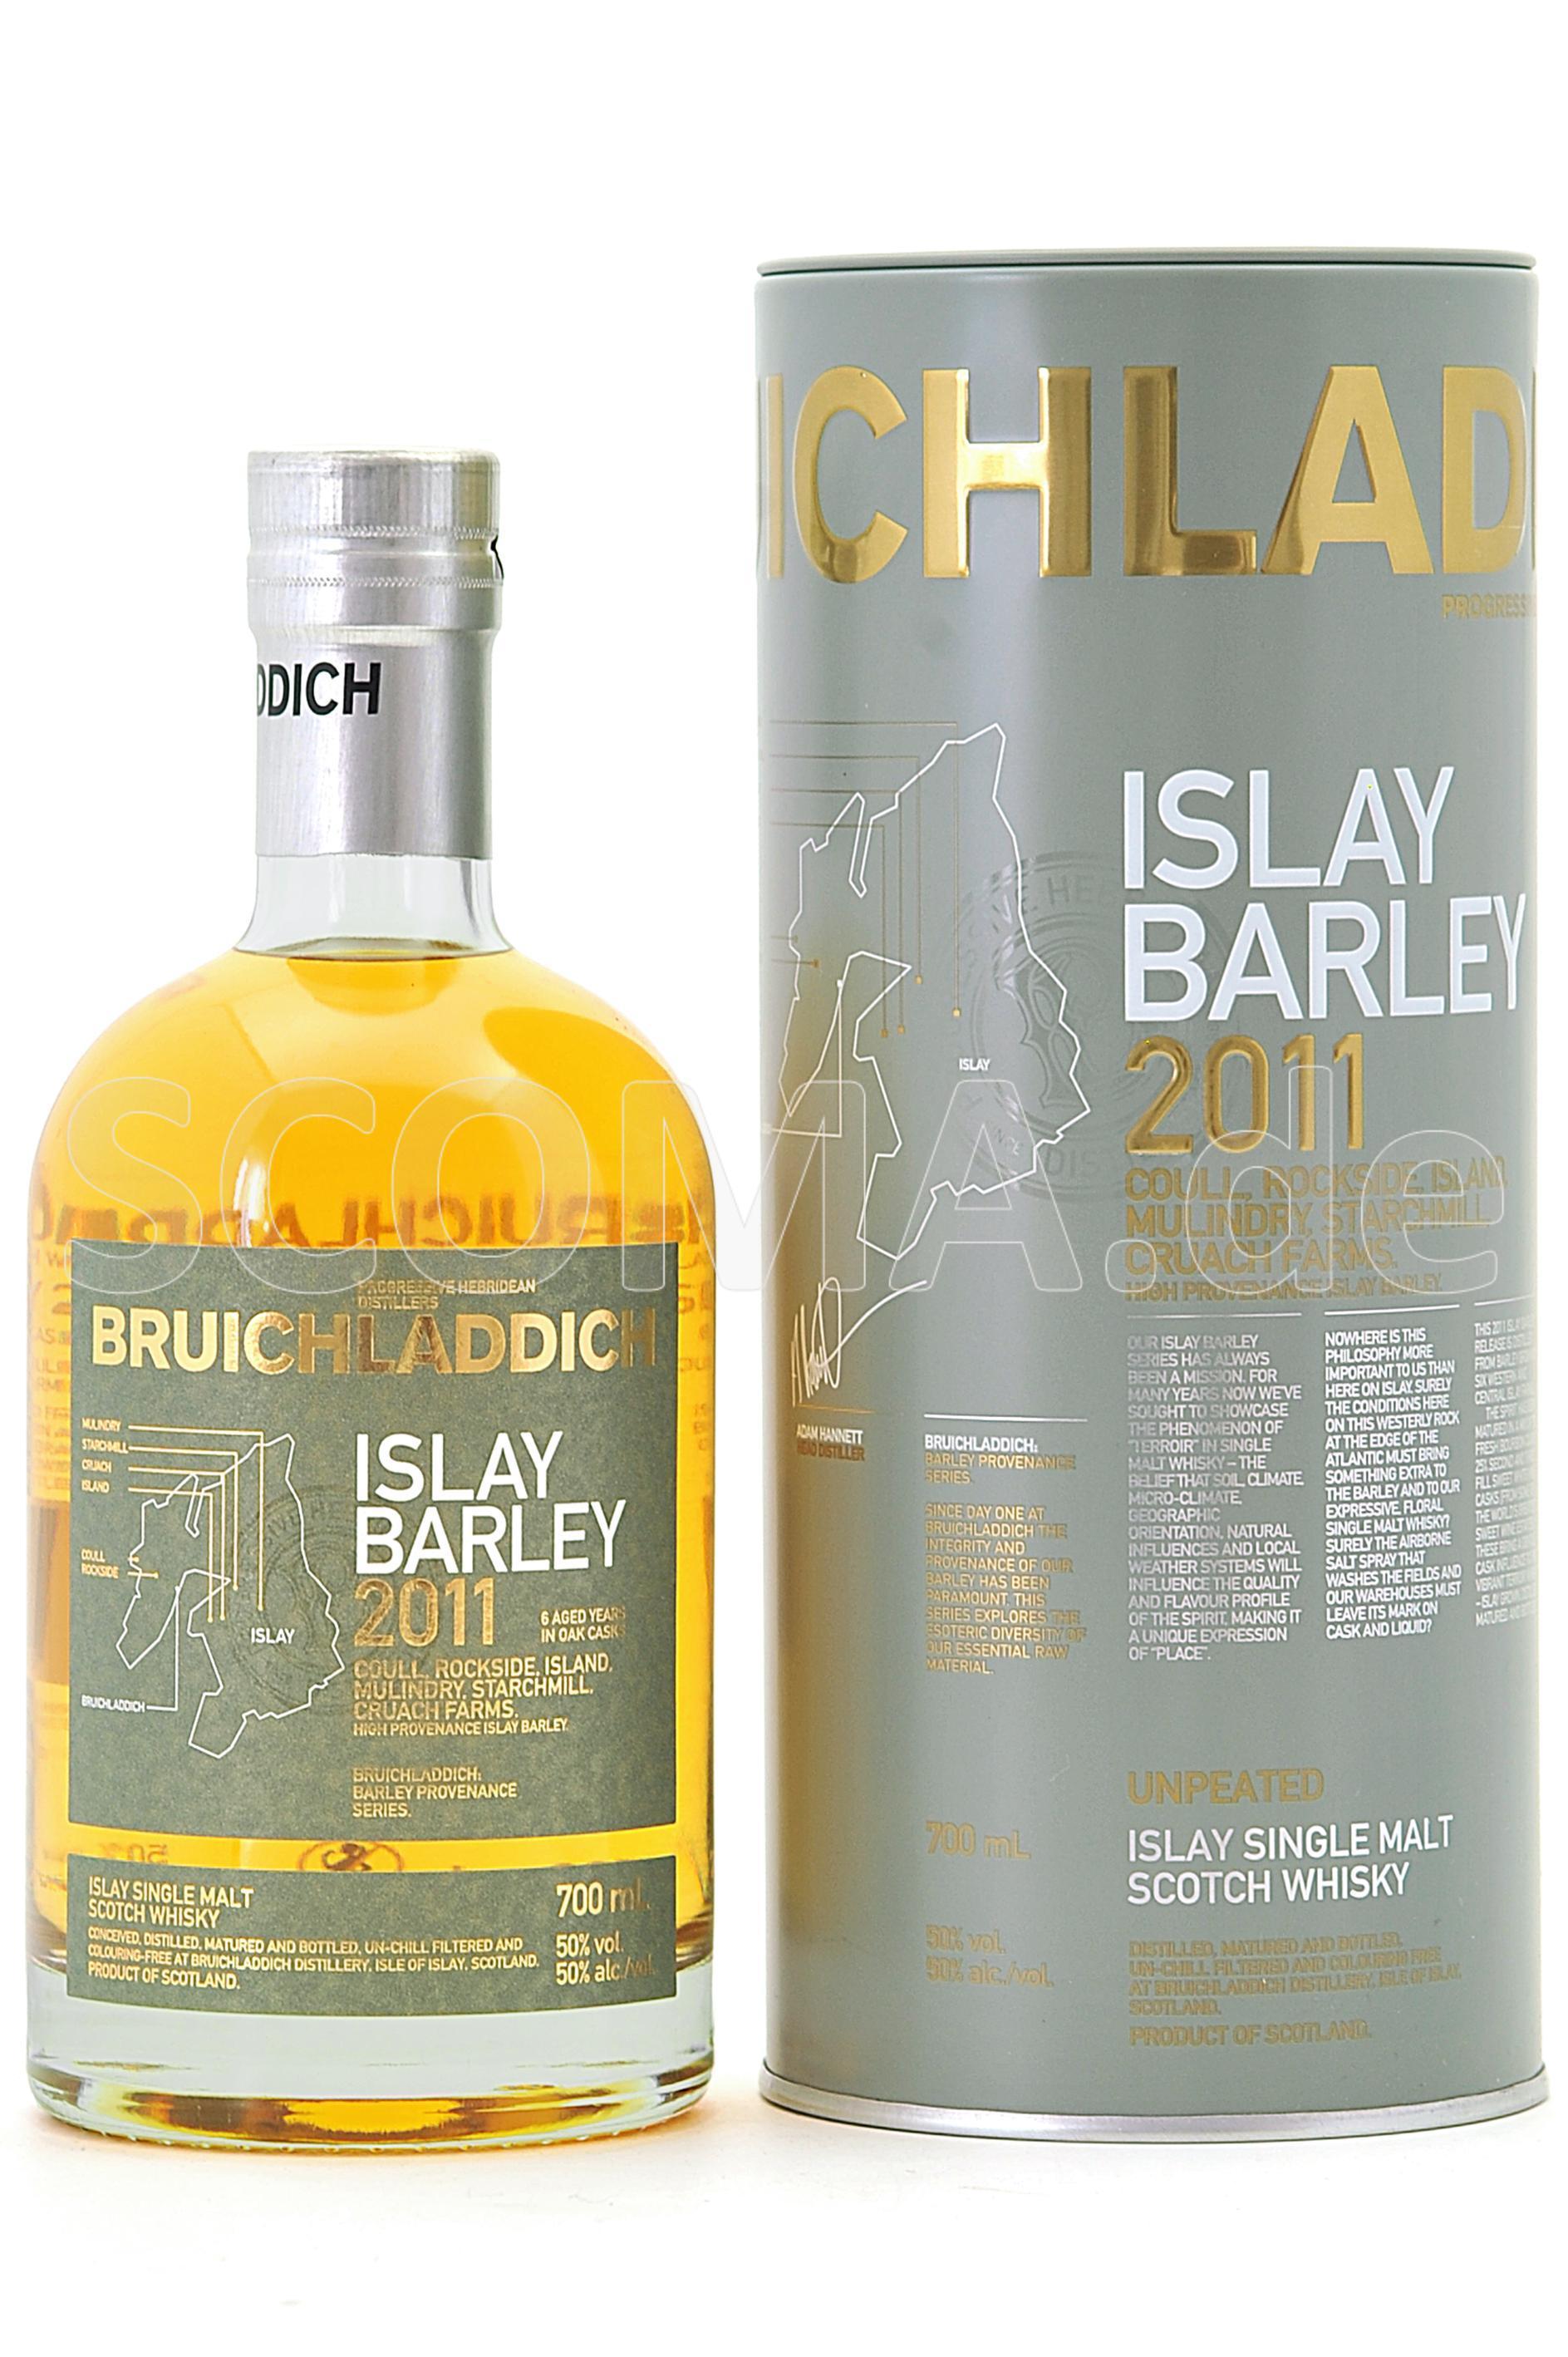 Bruichladdich Islay Barley 201...